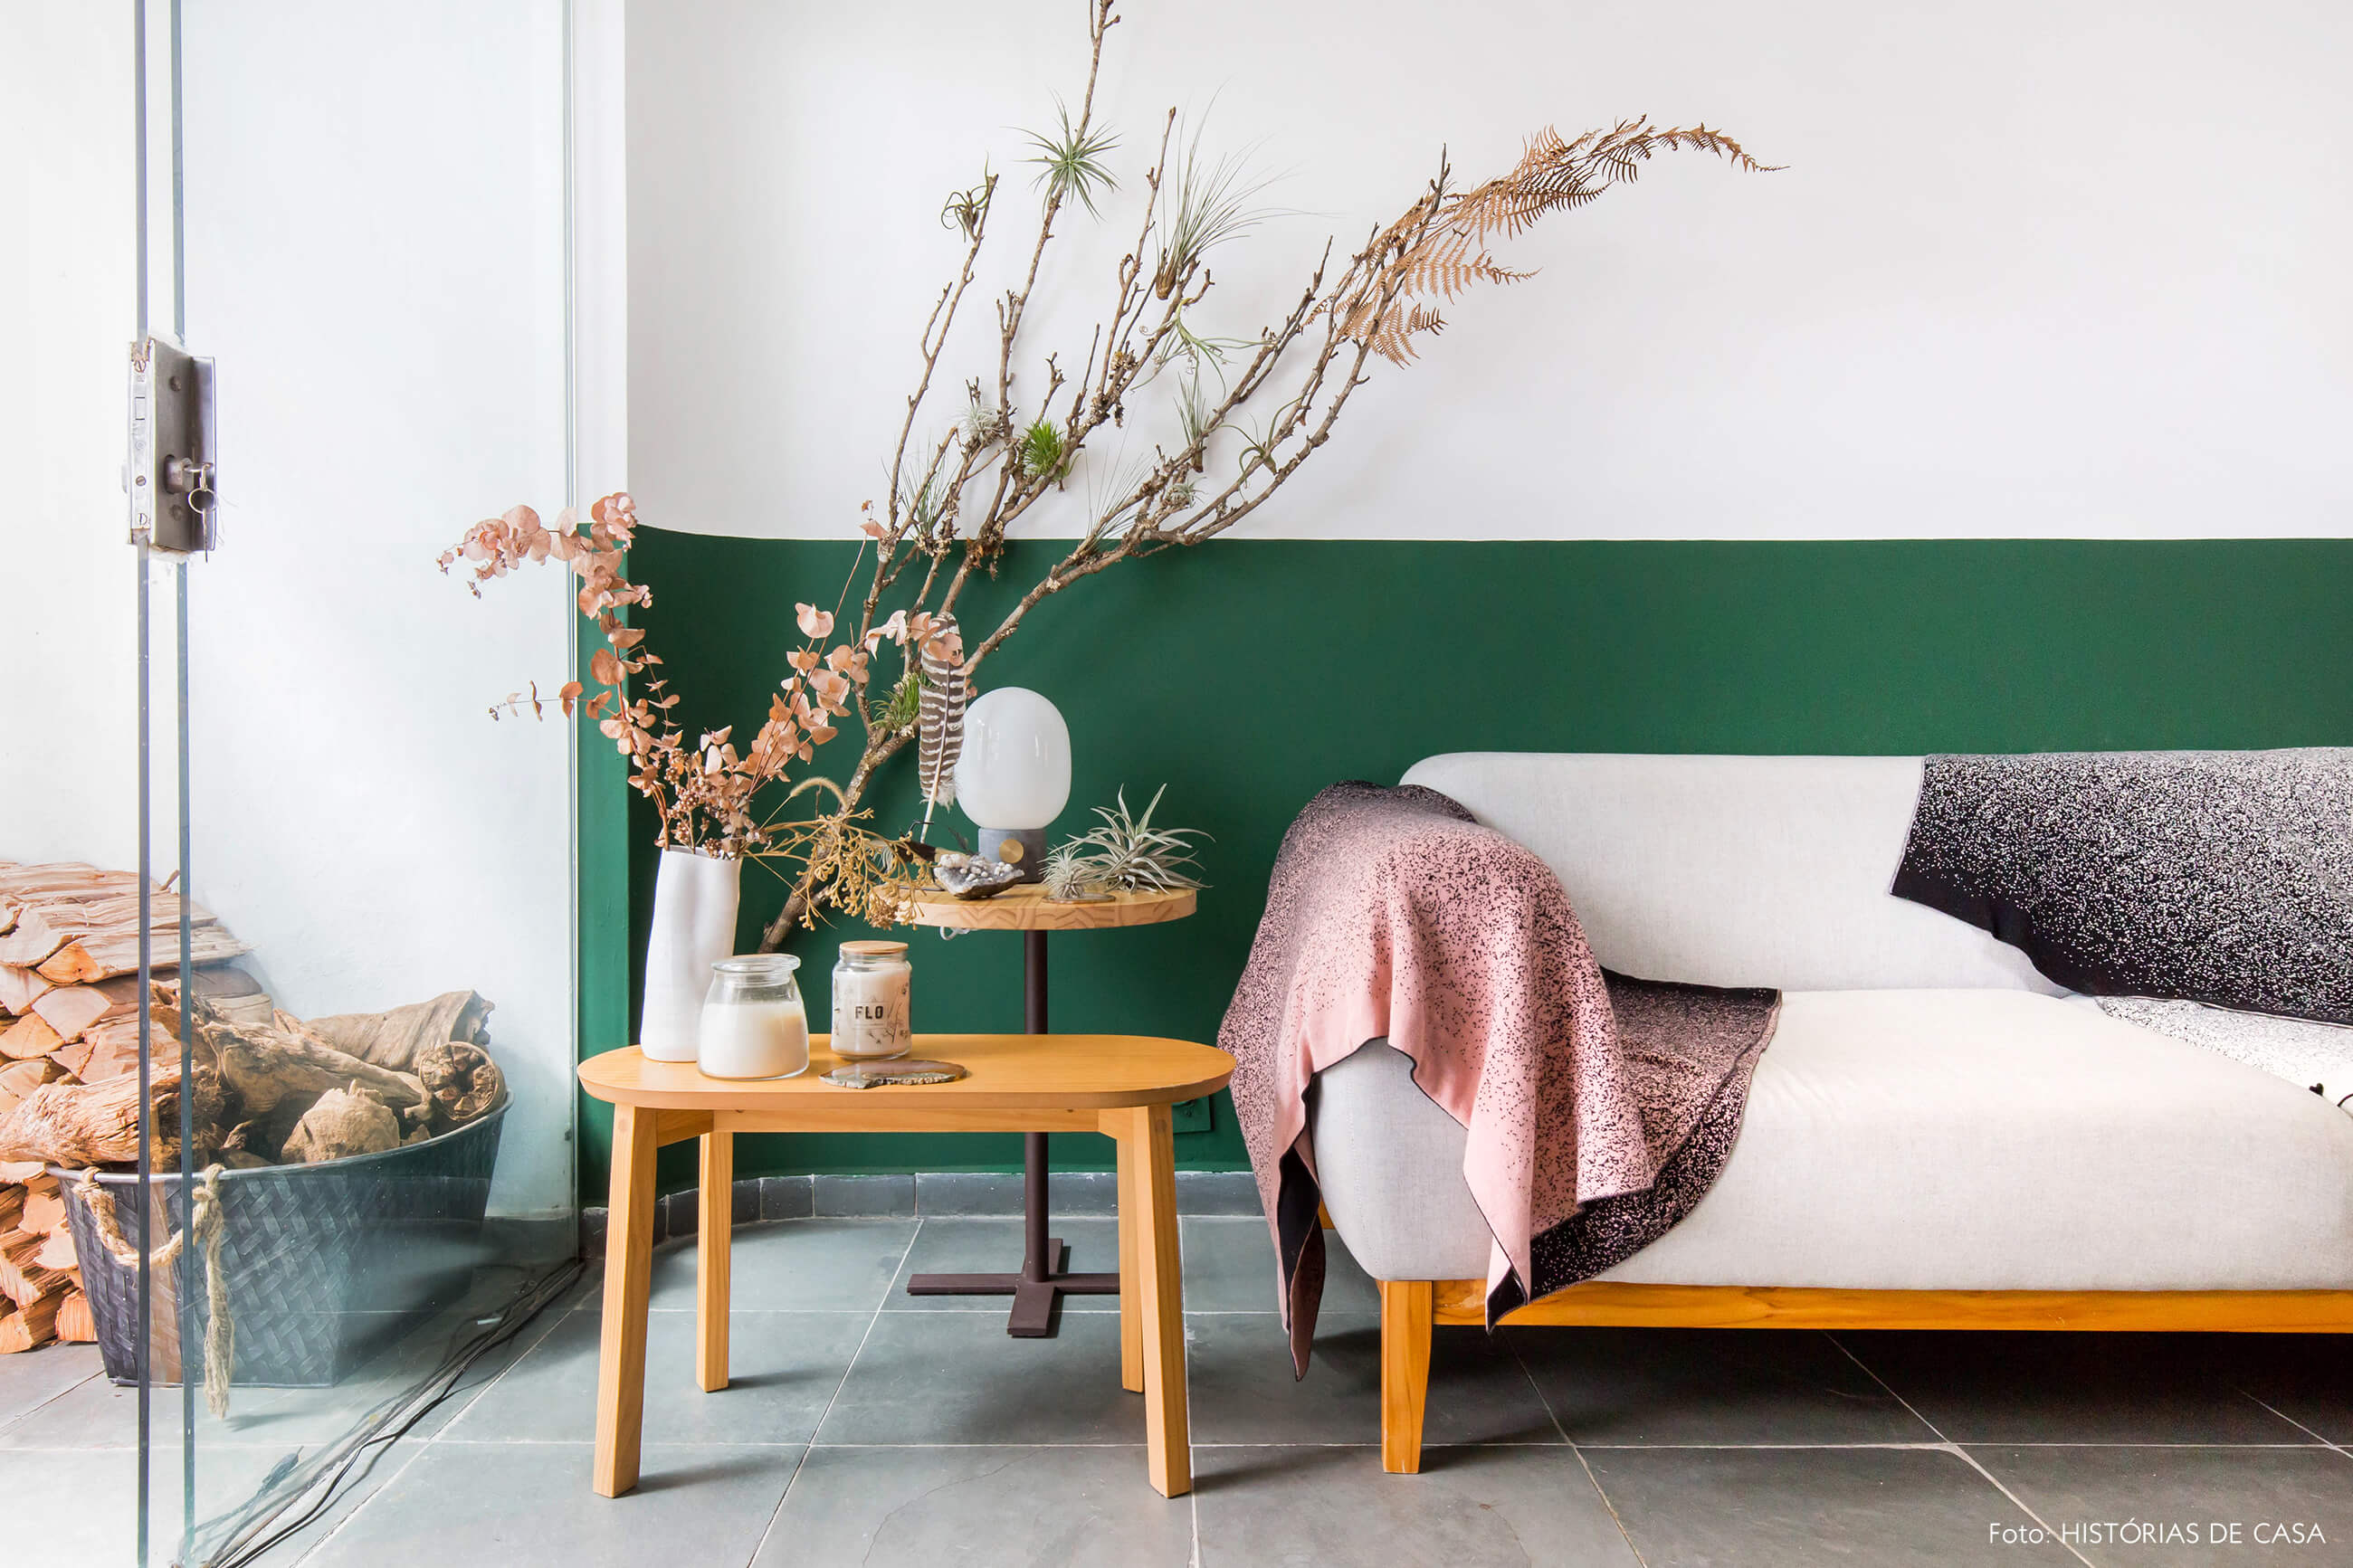 Sala com plantas e meia parede pintada de verde